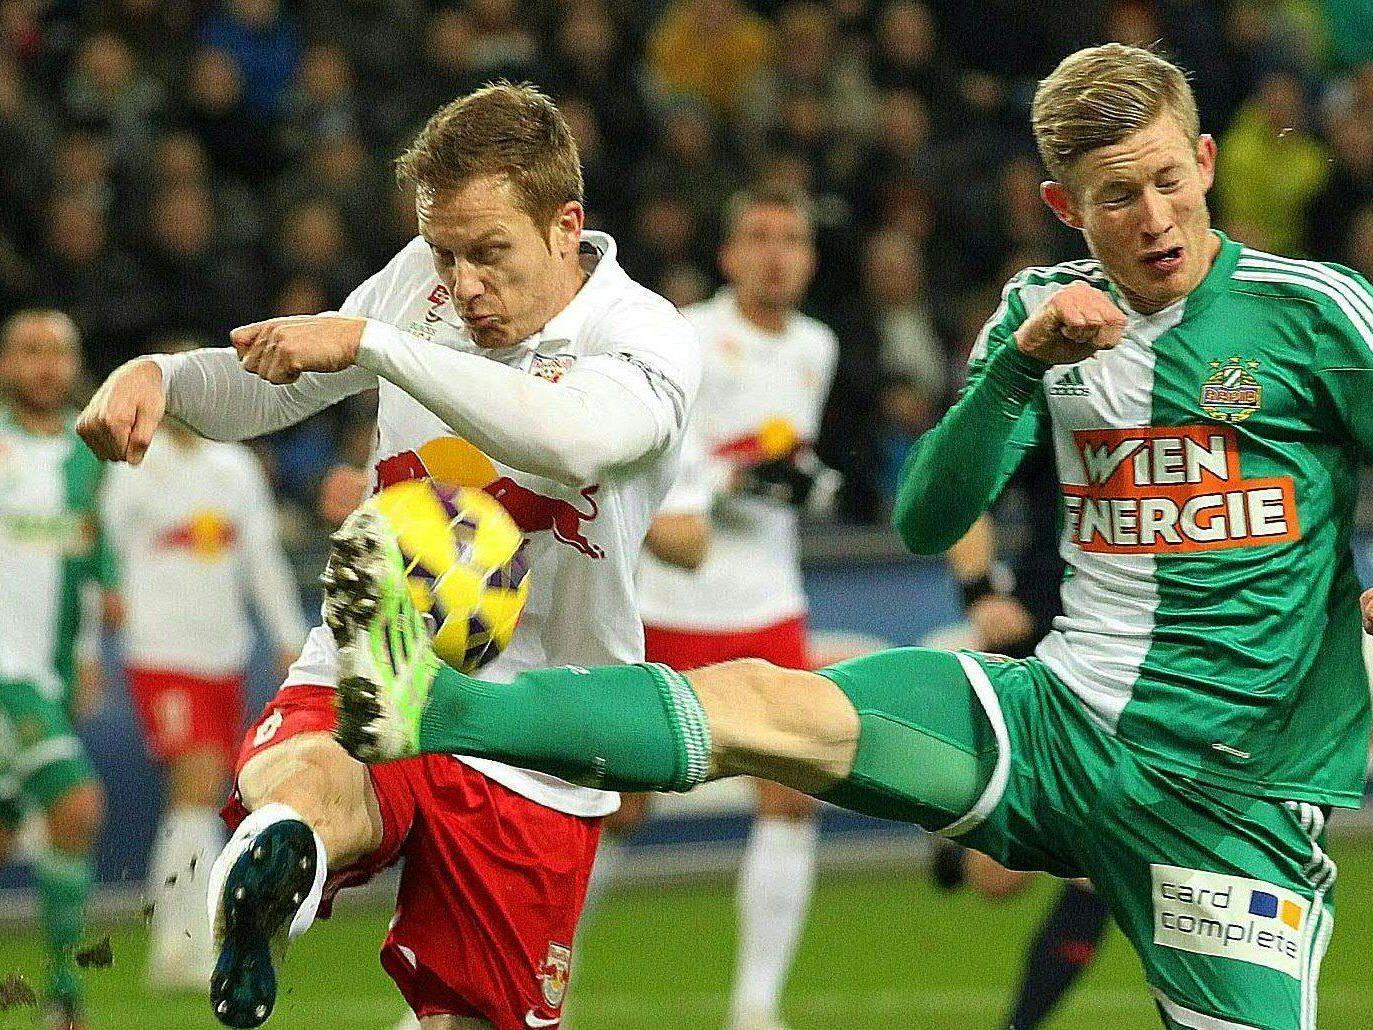 LIVE-Ticker zum Spiel SK Rapid Wien gegen Red Bull Salzburg ab 18.00 Uhr.